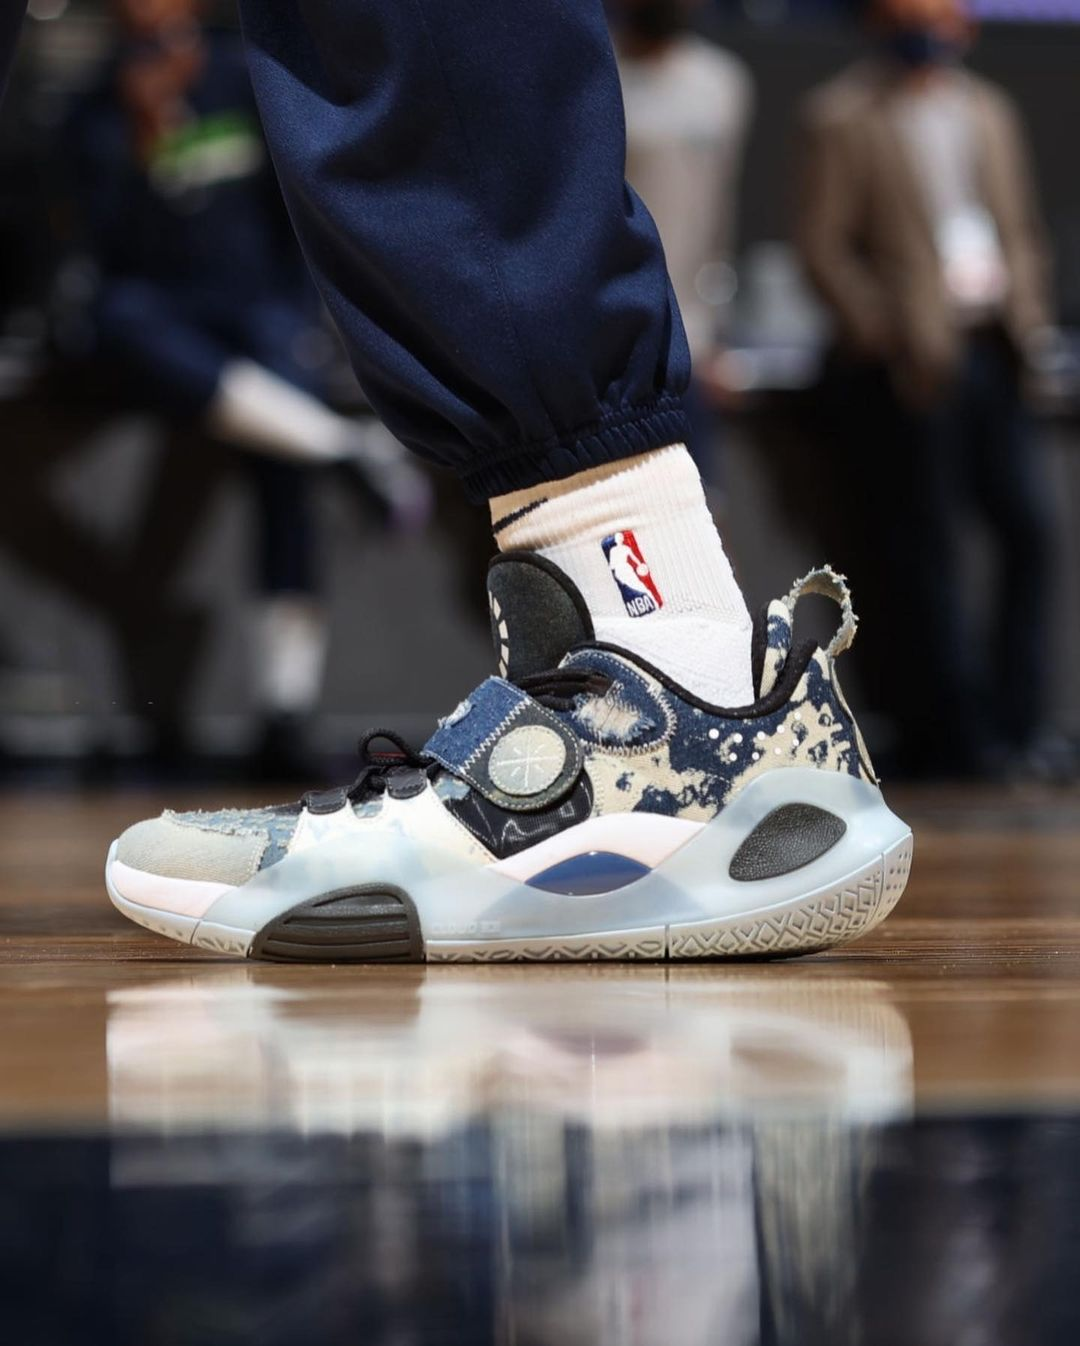 李宁,驭帅 14 䨻,迈阿密之夜,巴特勒,拉塞尔,戈登  终于盼来了!传闻本月发售的「顶级球鞋」!上代市价破 3 千!